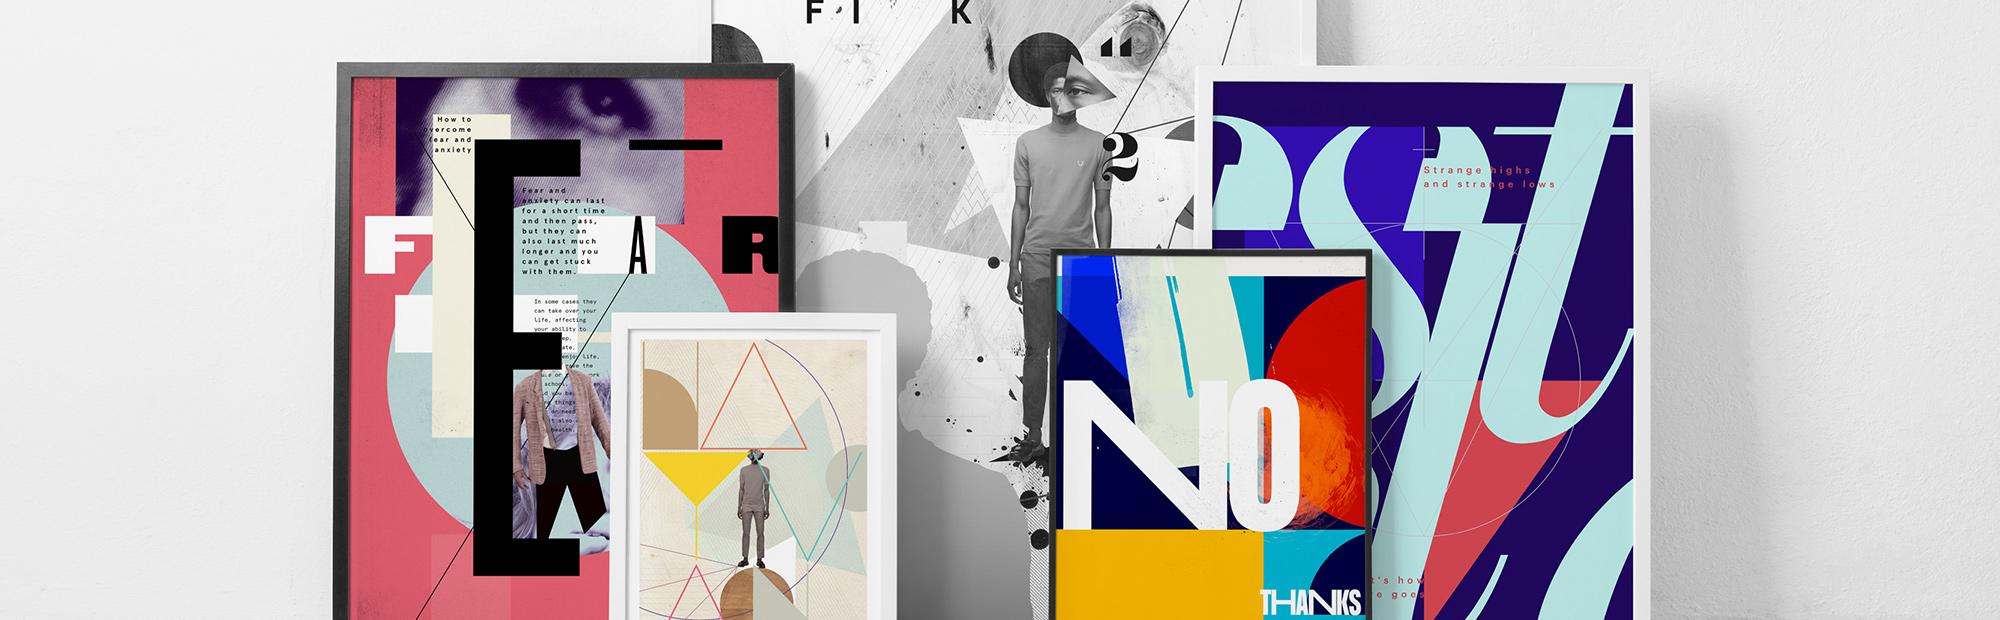 nextwork_experiments4